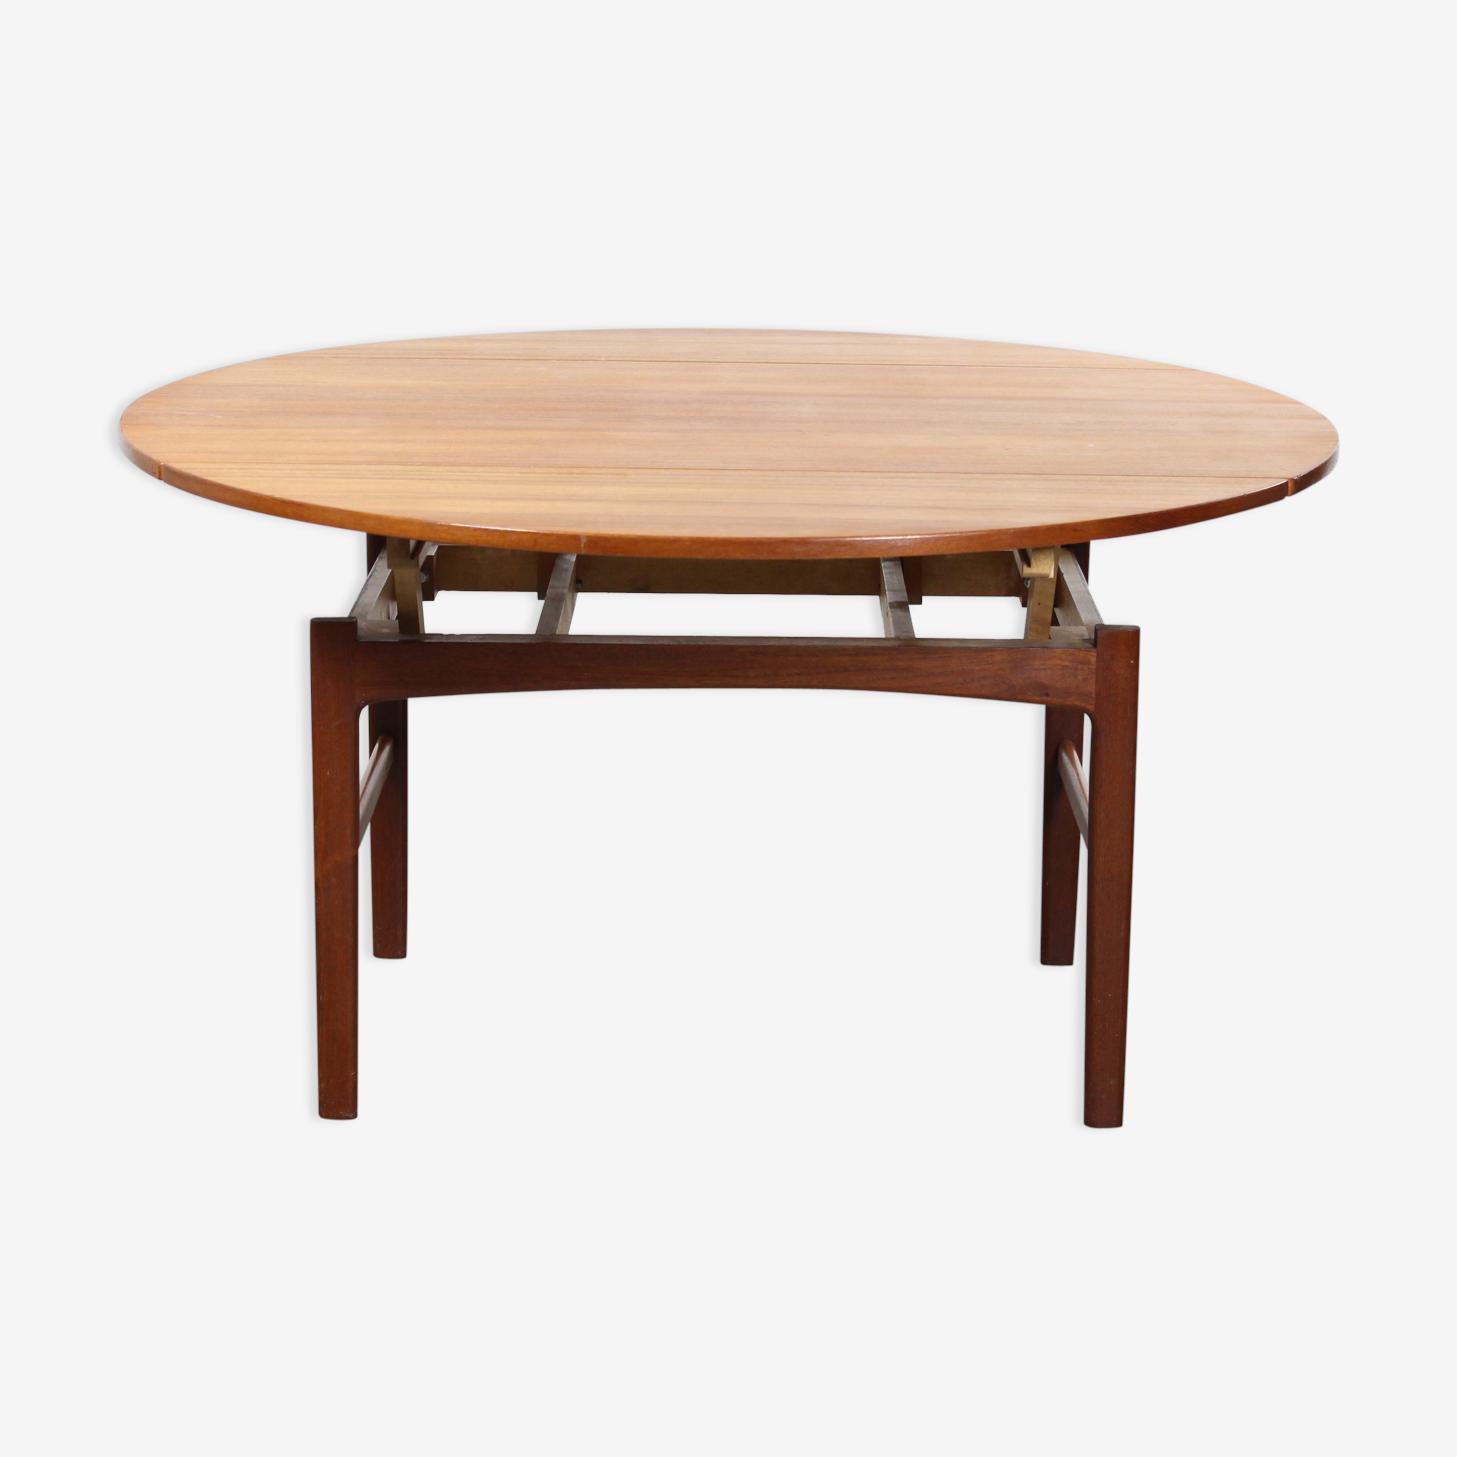 Scandinavian table in transformable teak